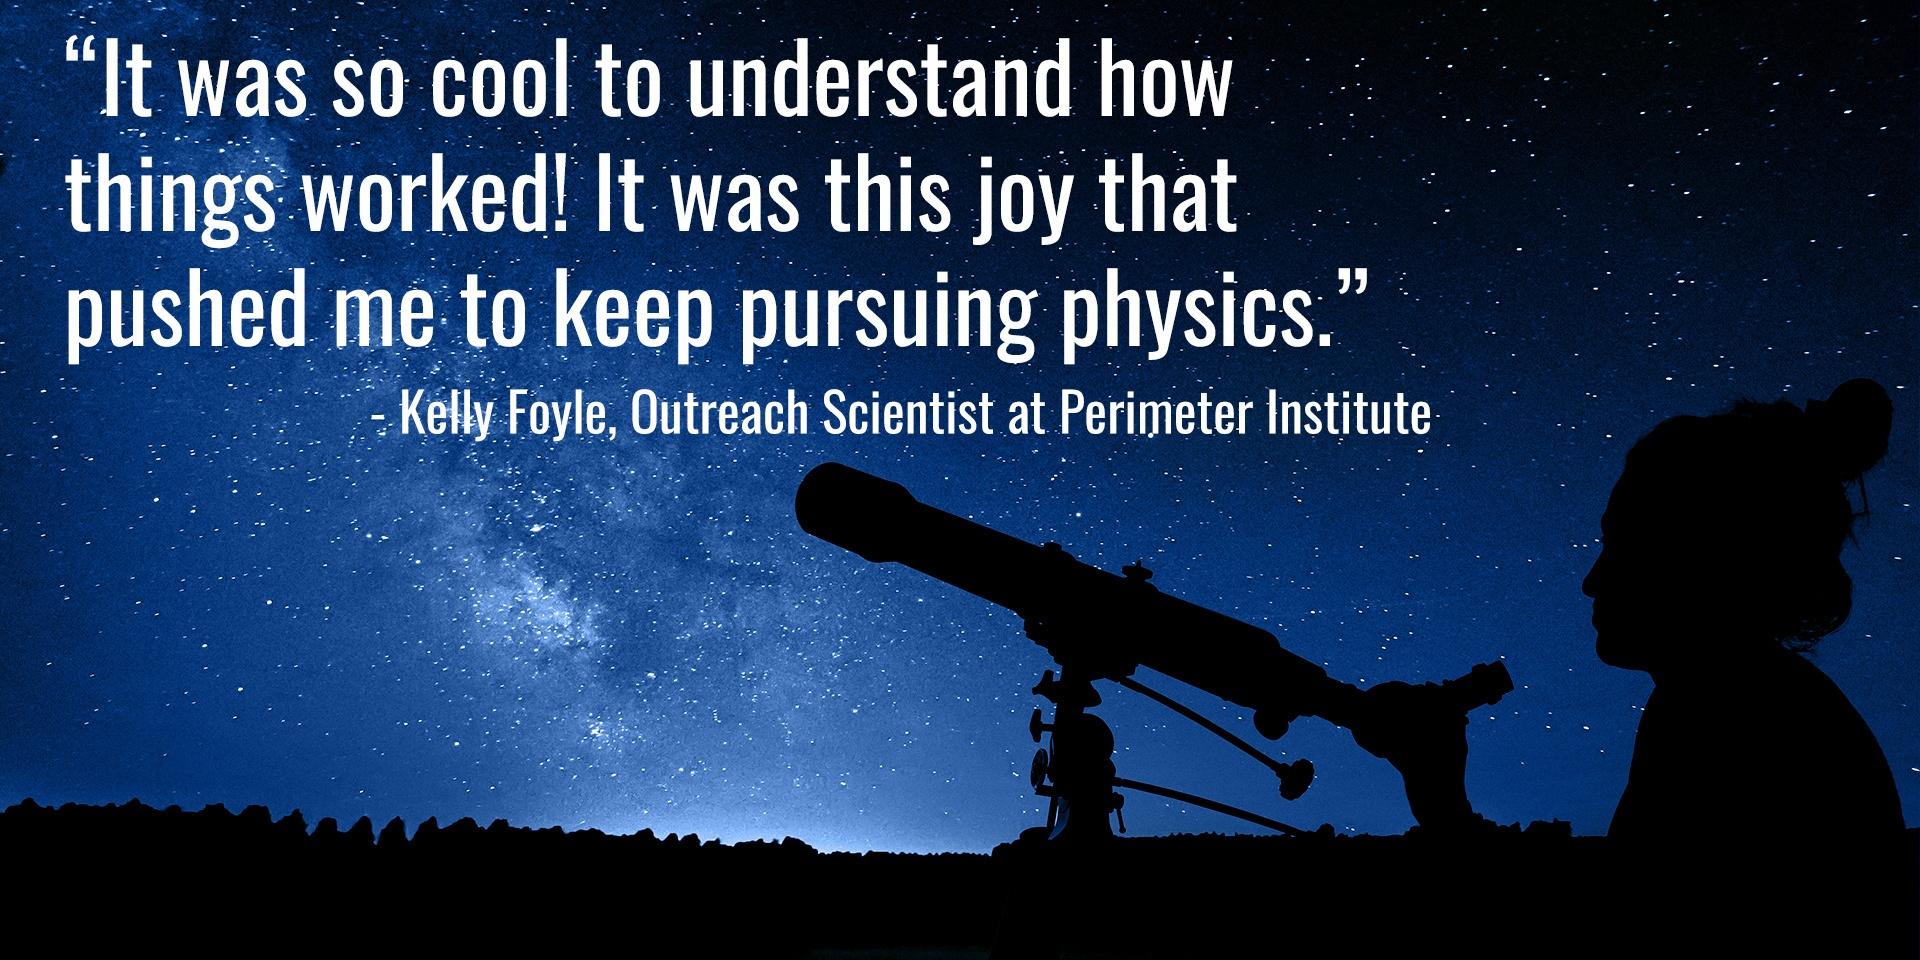 « C'était vraiment bien de comprendre comment les choses fonctionnaient! C'est cette joie qui m'a poussée à poursuivre des études en physique. » [traduction] – Kelly Foyle, membre de l'équipe de diffusion des connaissances de l'Institut Périmètre